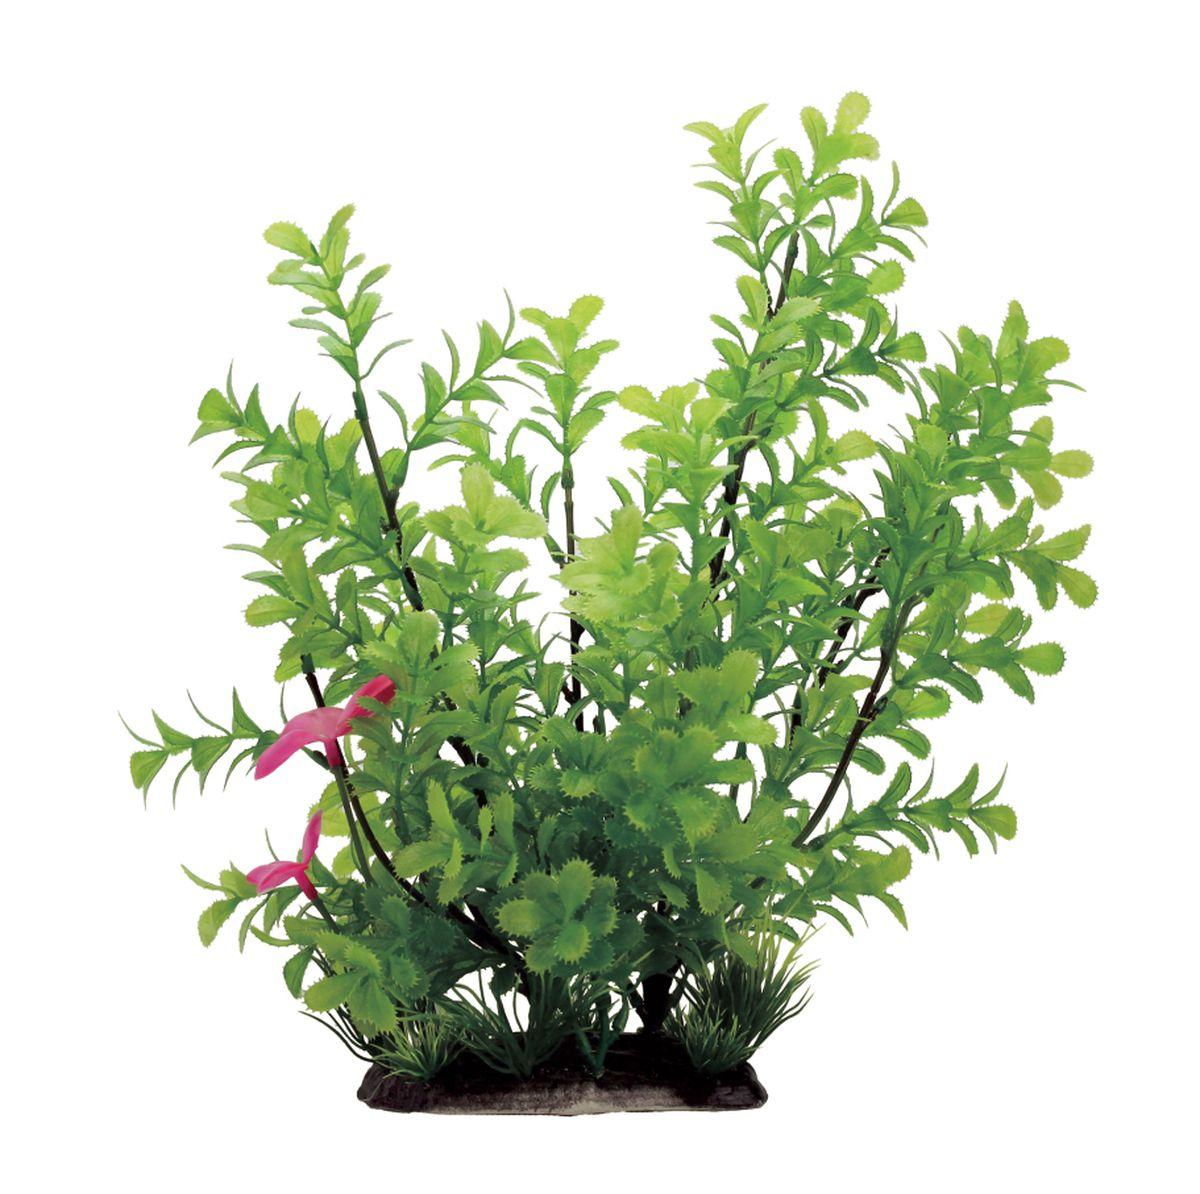 Растение для аквариума ArtUniq Прозерпинака, высота 35 см0120710Растение для аквариума ArtUniq Прозерпинака, высота 35 см